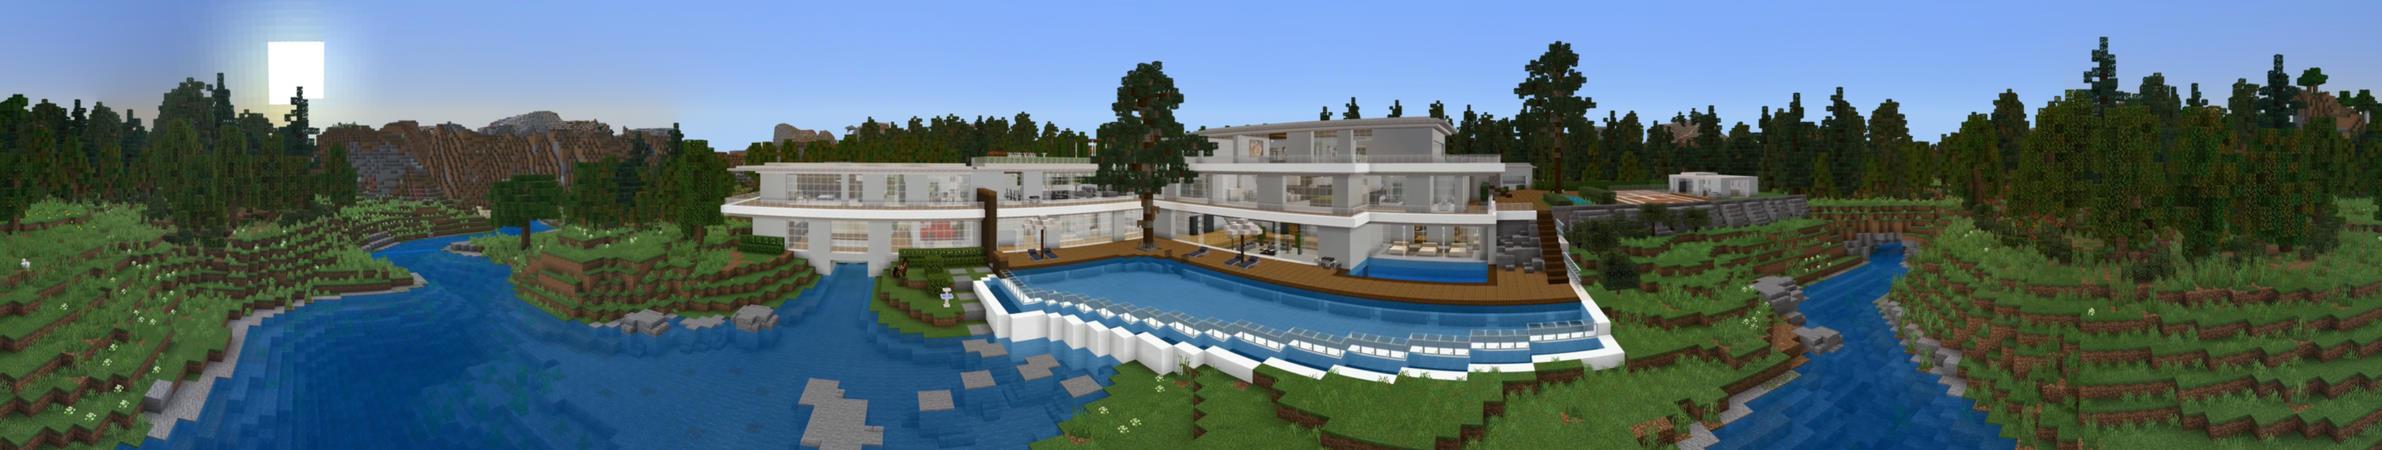 Modern Mansion in Minecraft Marketplace  Minecraft